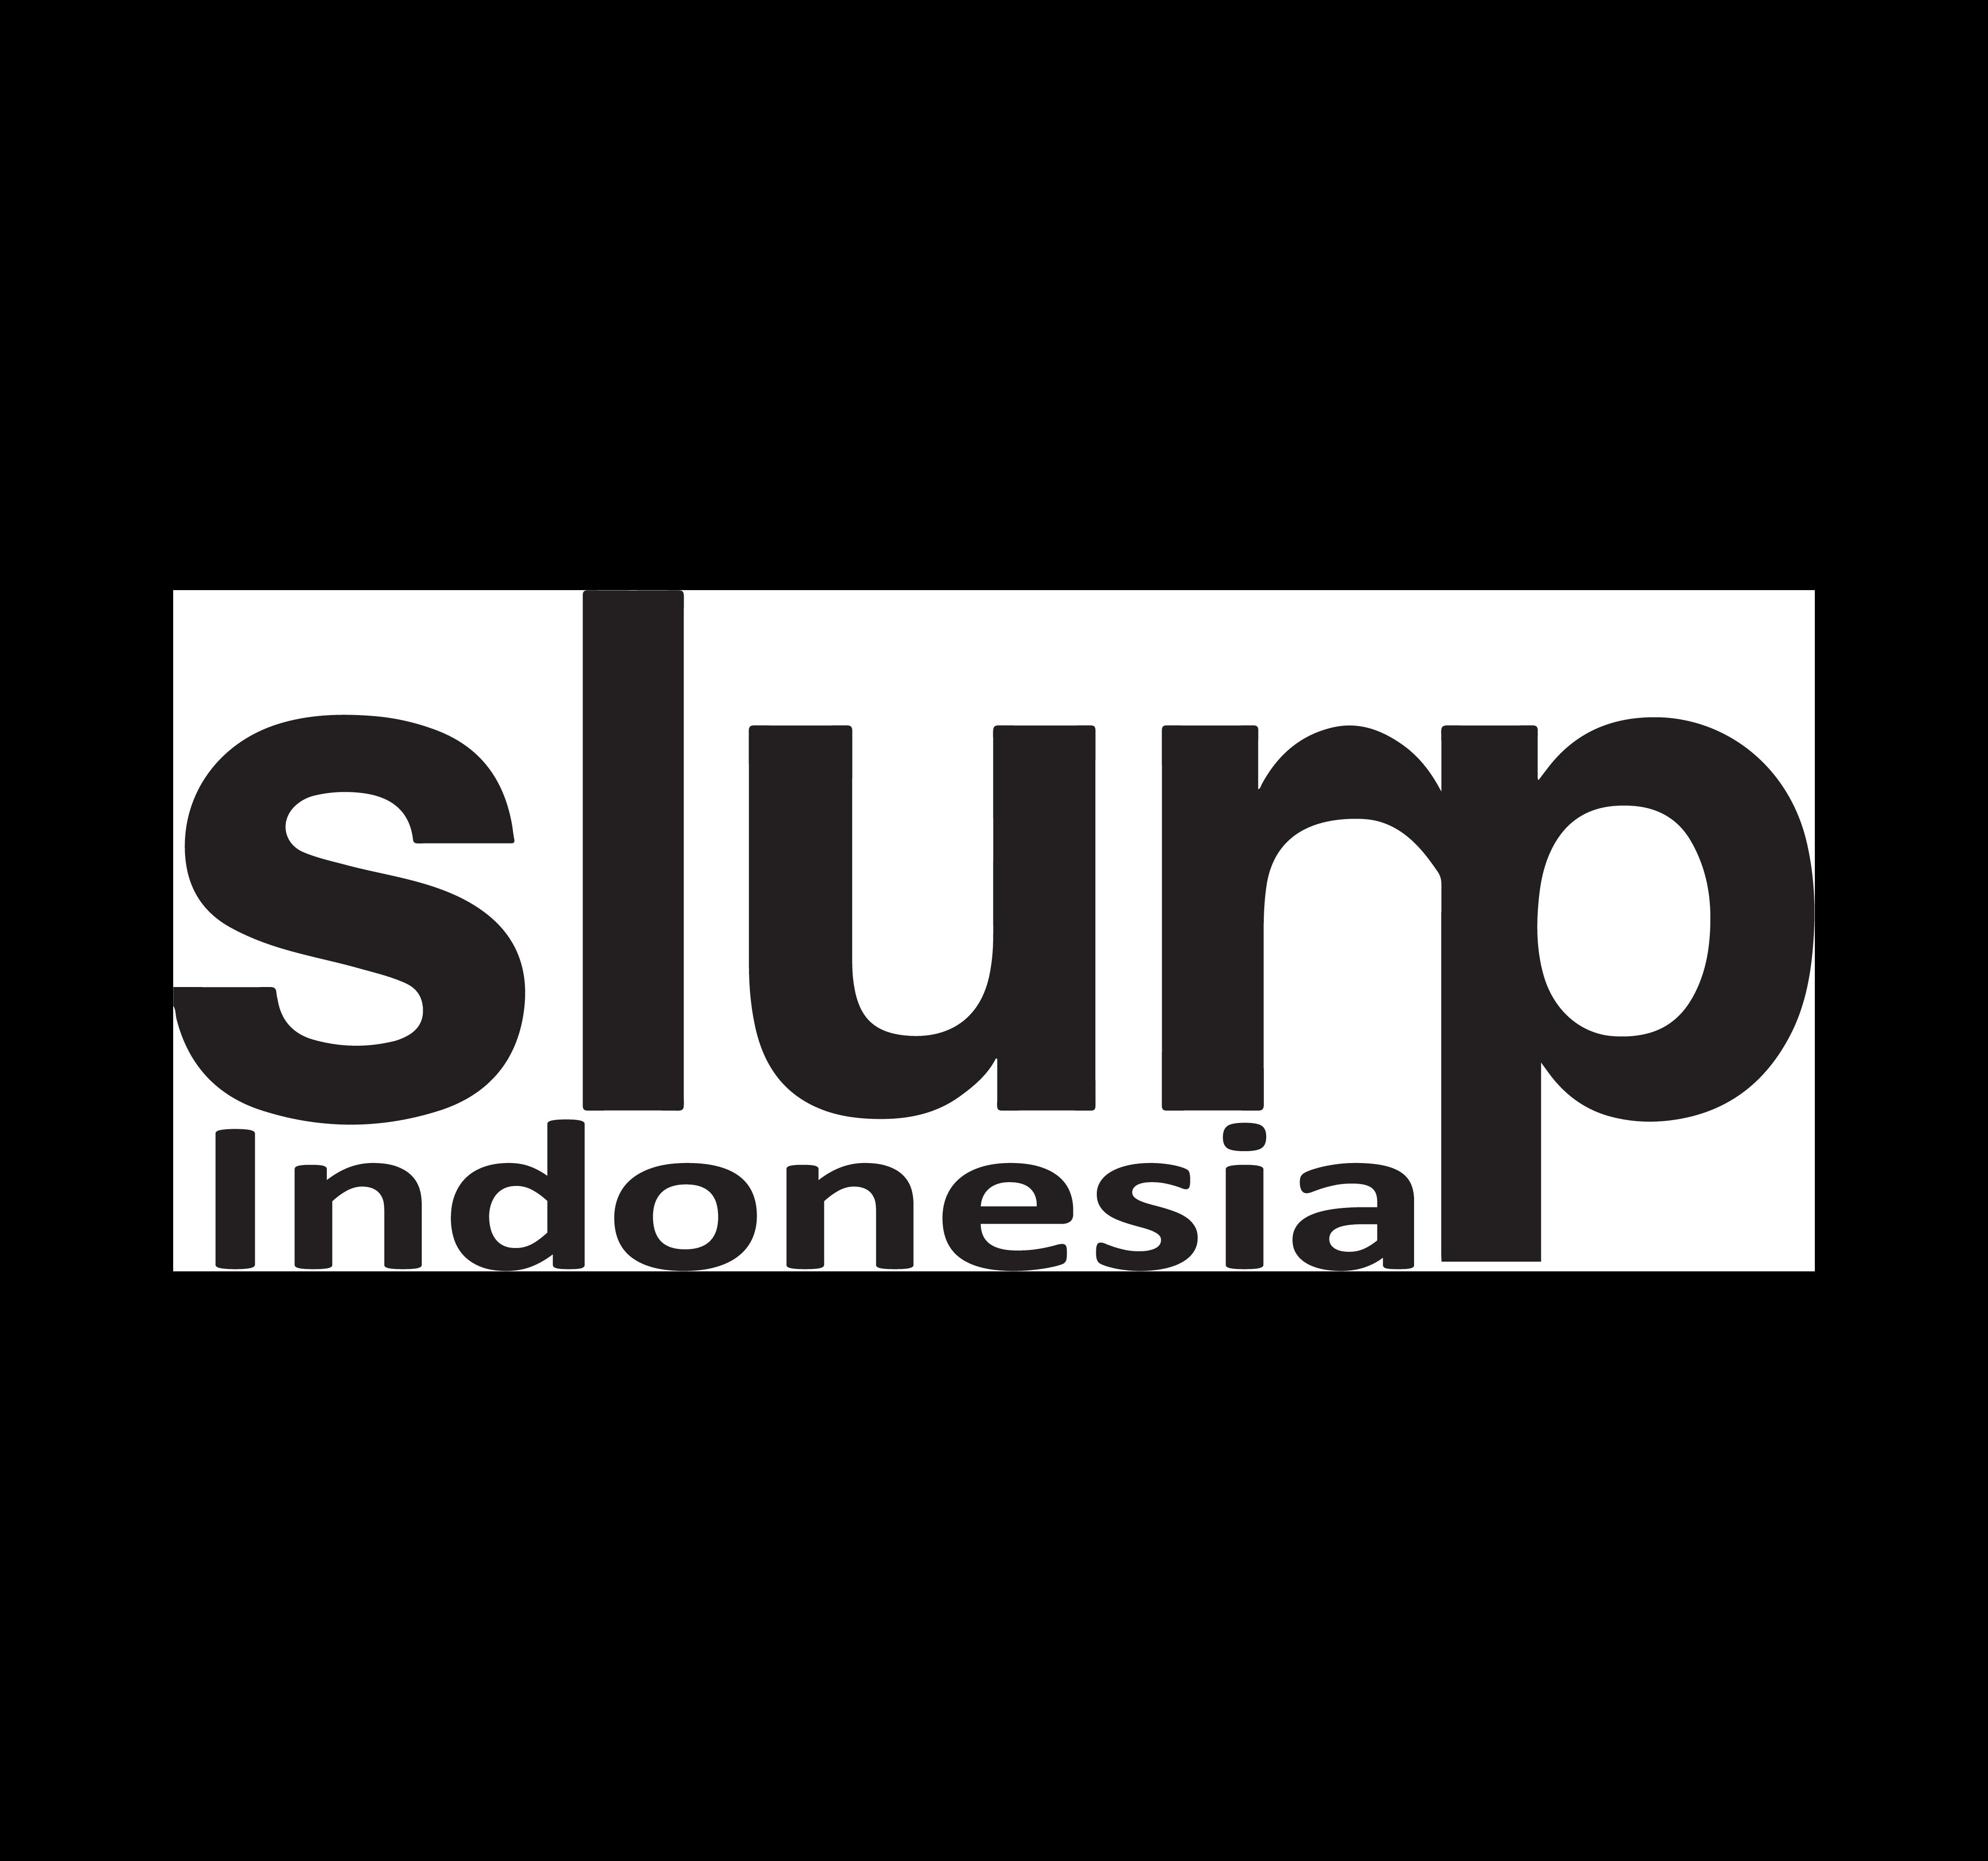 Slurp Indonesia